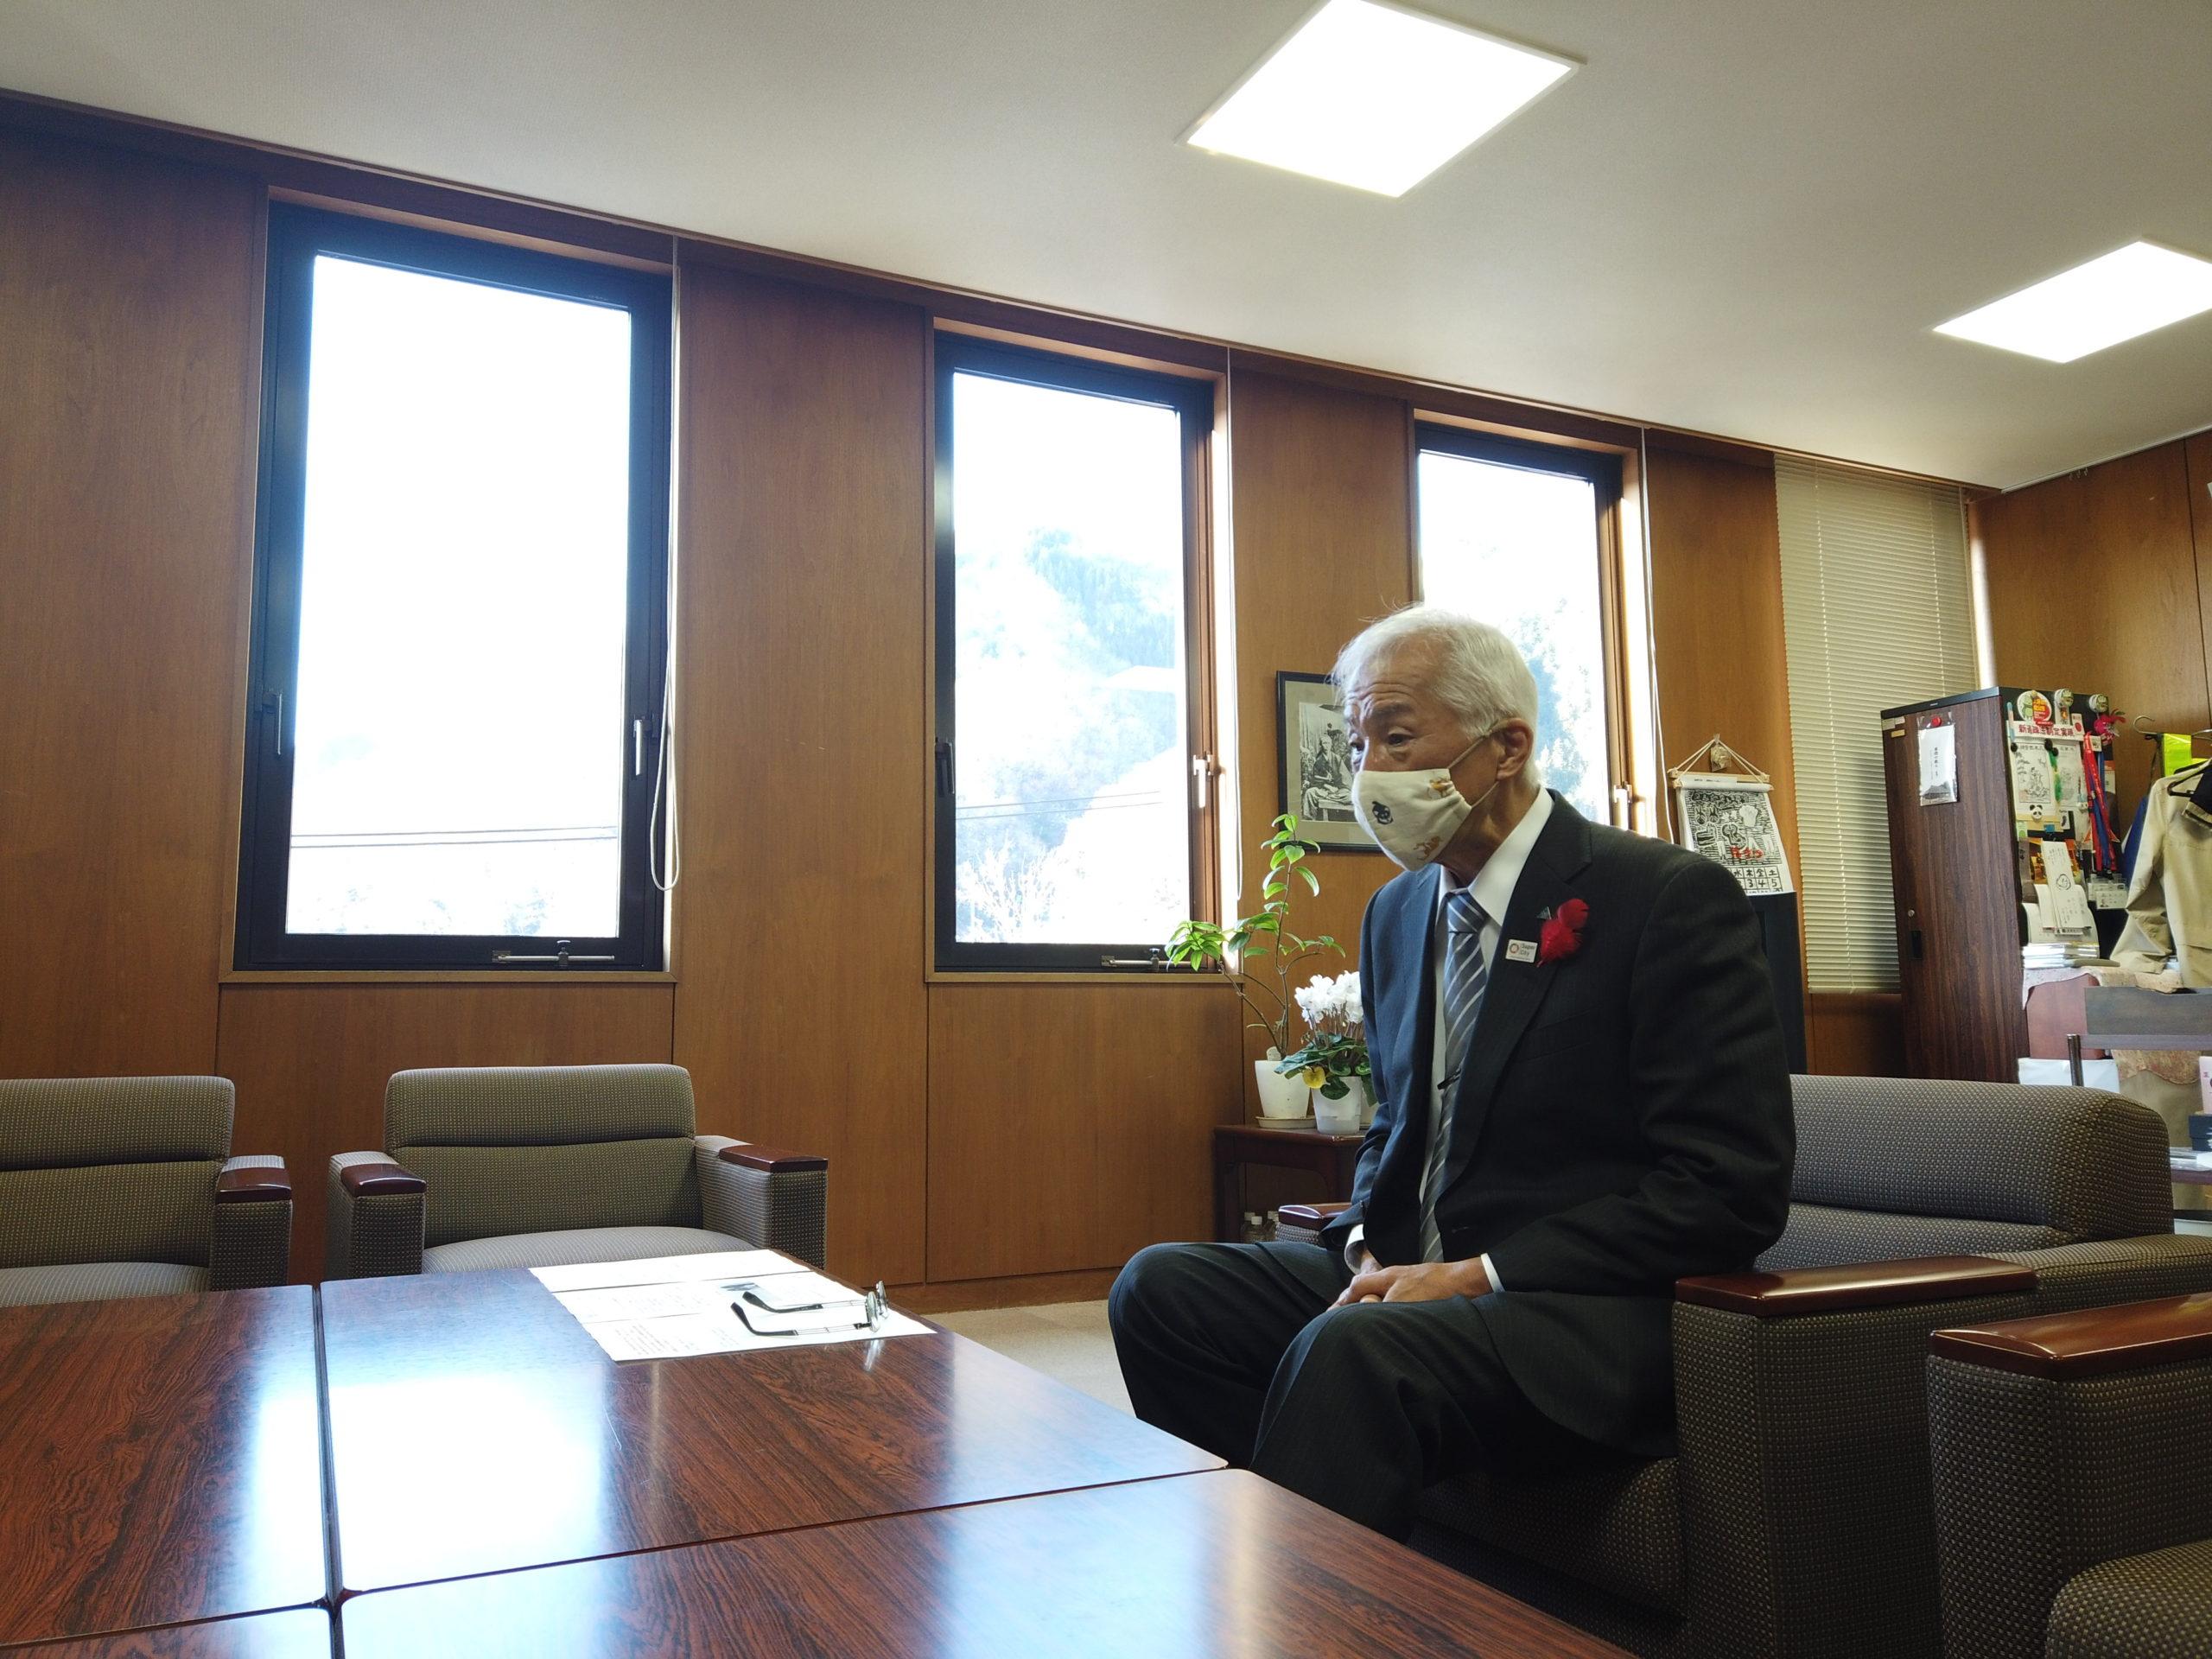 兵庫県養父市の広瀬市長にインフルエンサーが防災の取り組みについて取材